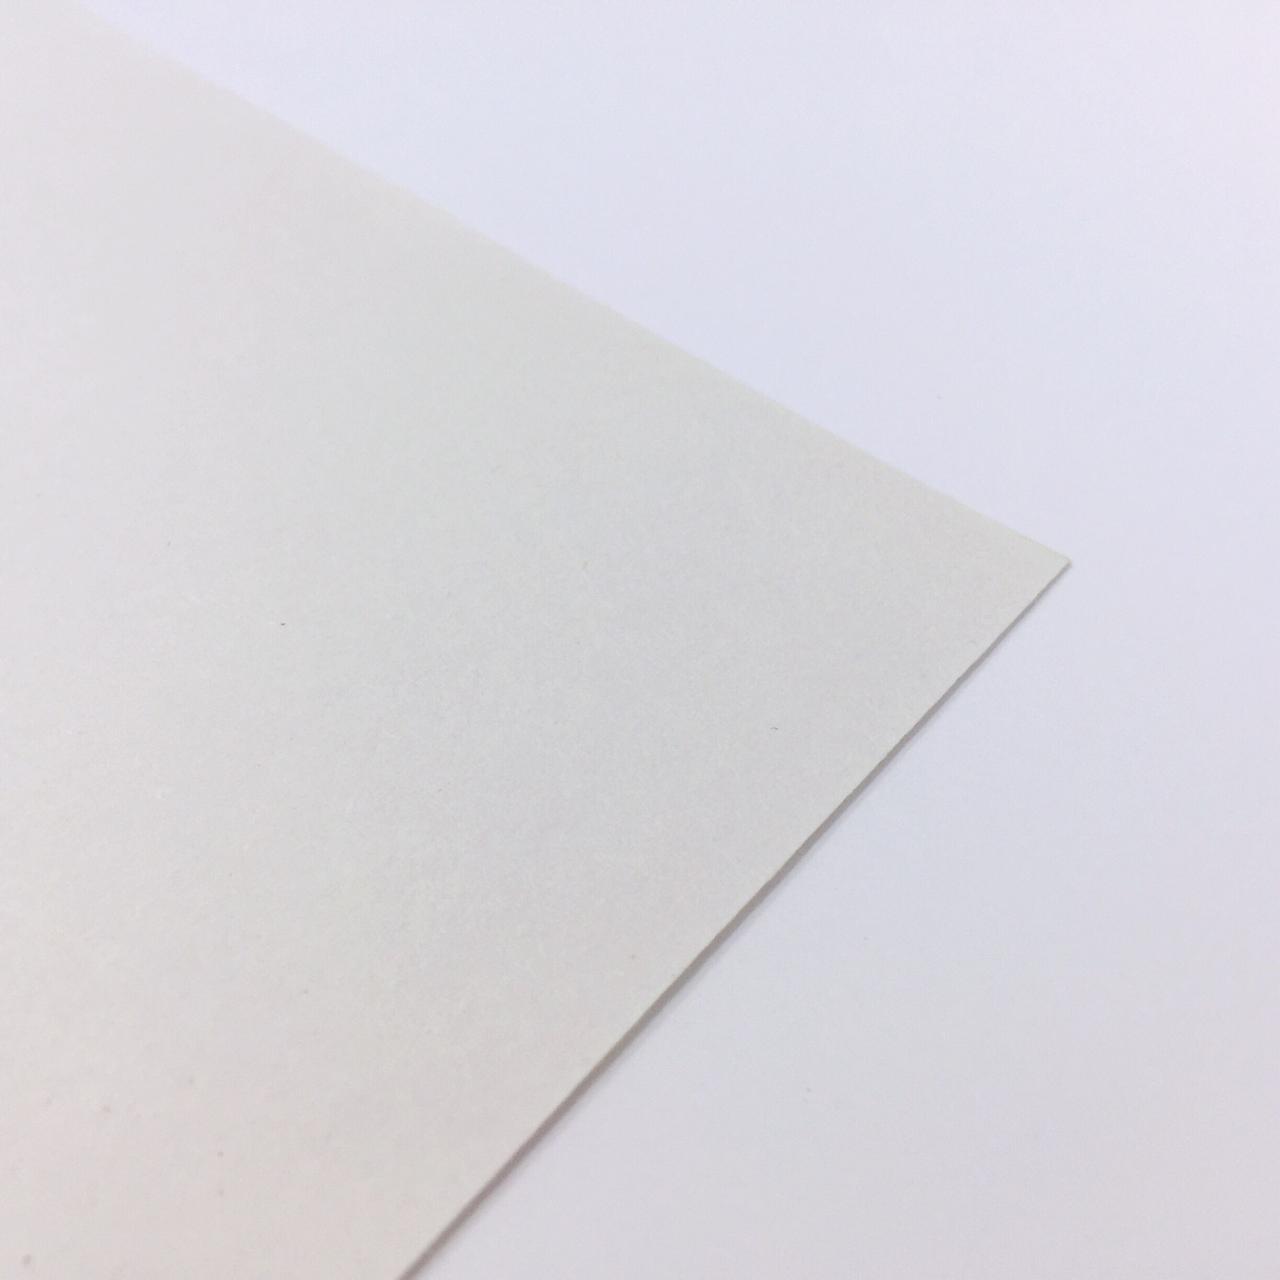 Бумага для плотера газетная  пл-ть 60 гр/м2 ширина 182см (рул.30кг-257м) Италия